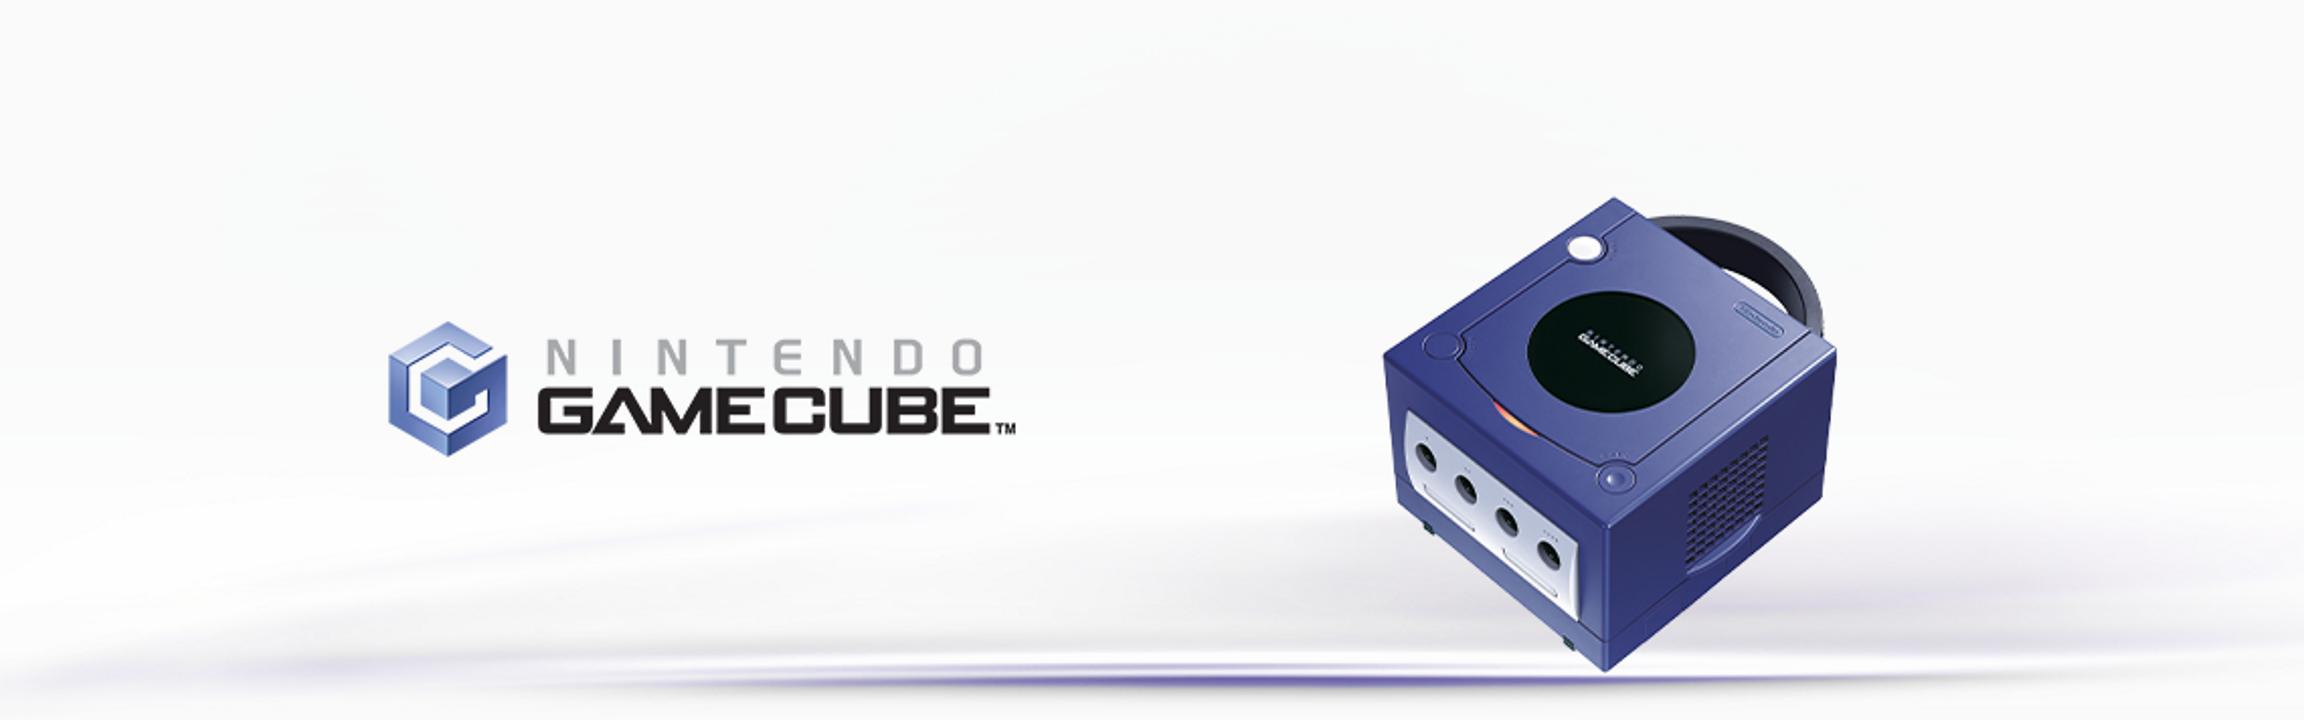 Nintendo gamecube trending twitter